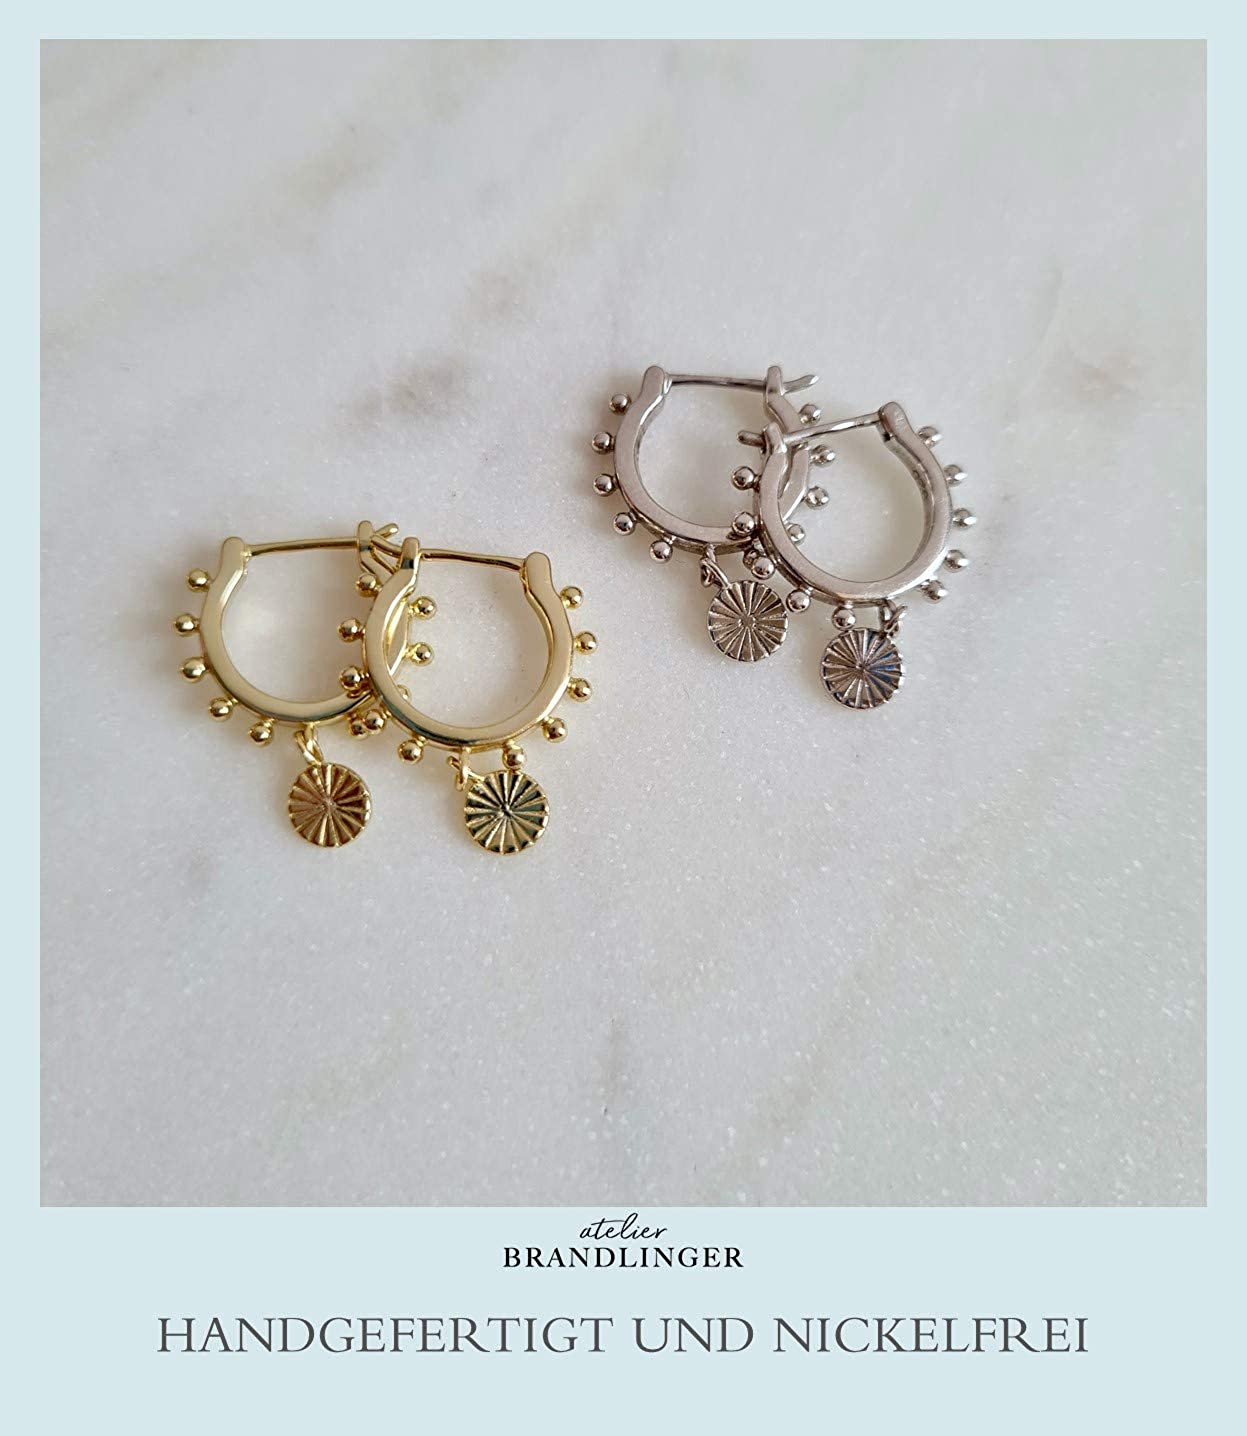 Tama/ño 15,4mm Brandlinger /® Atelier pendientes de aro de plata de ley dorada colgante moneda antigua para mujeres y ni/ñas